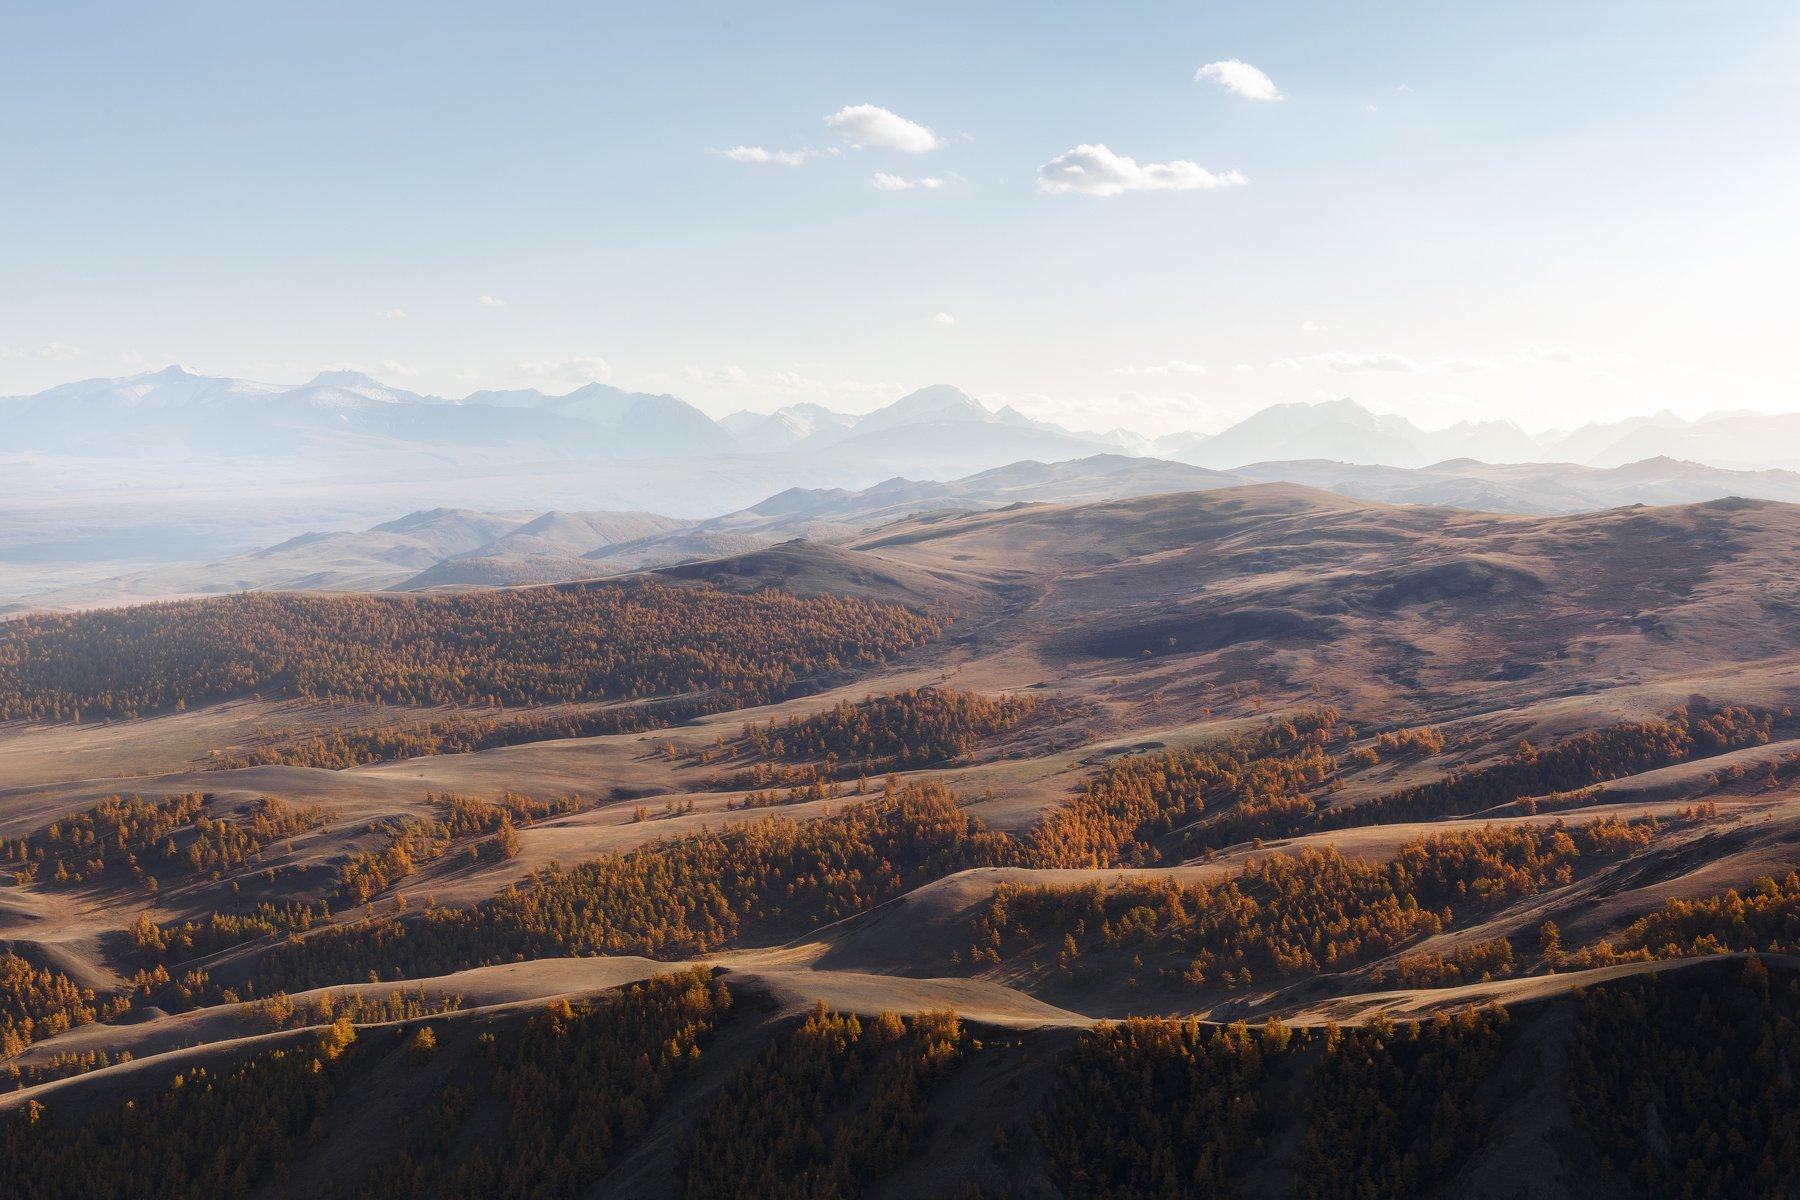 природа, пейзаж, закат, алтай, горы, осень, Попов Станислав